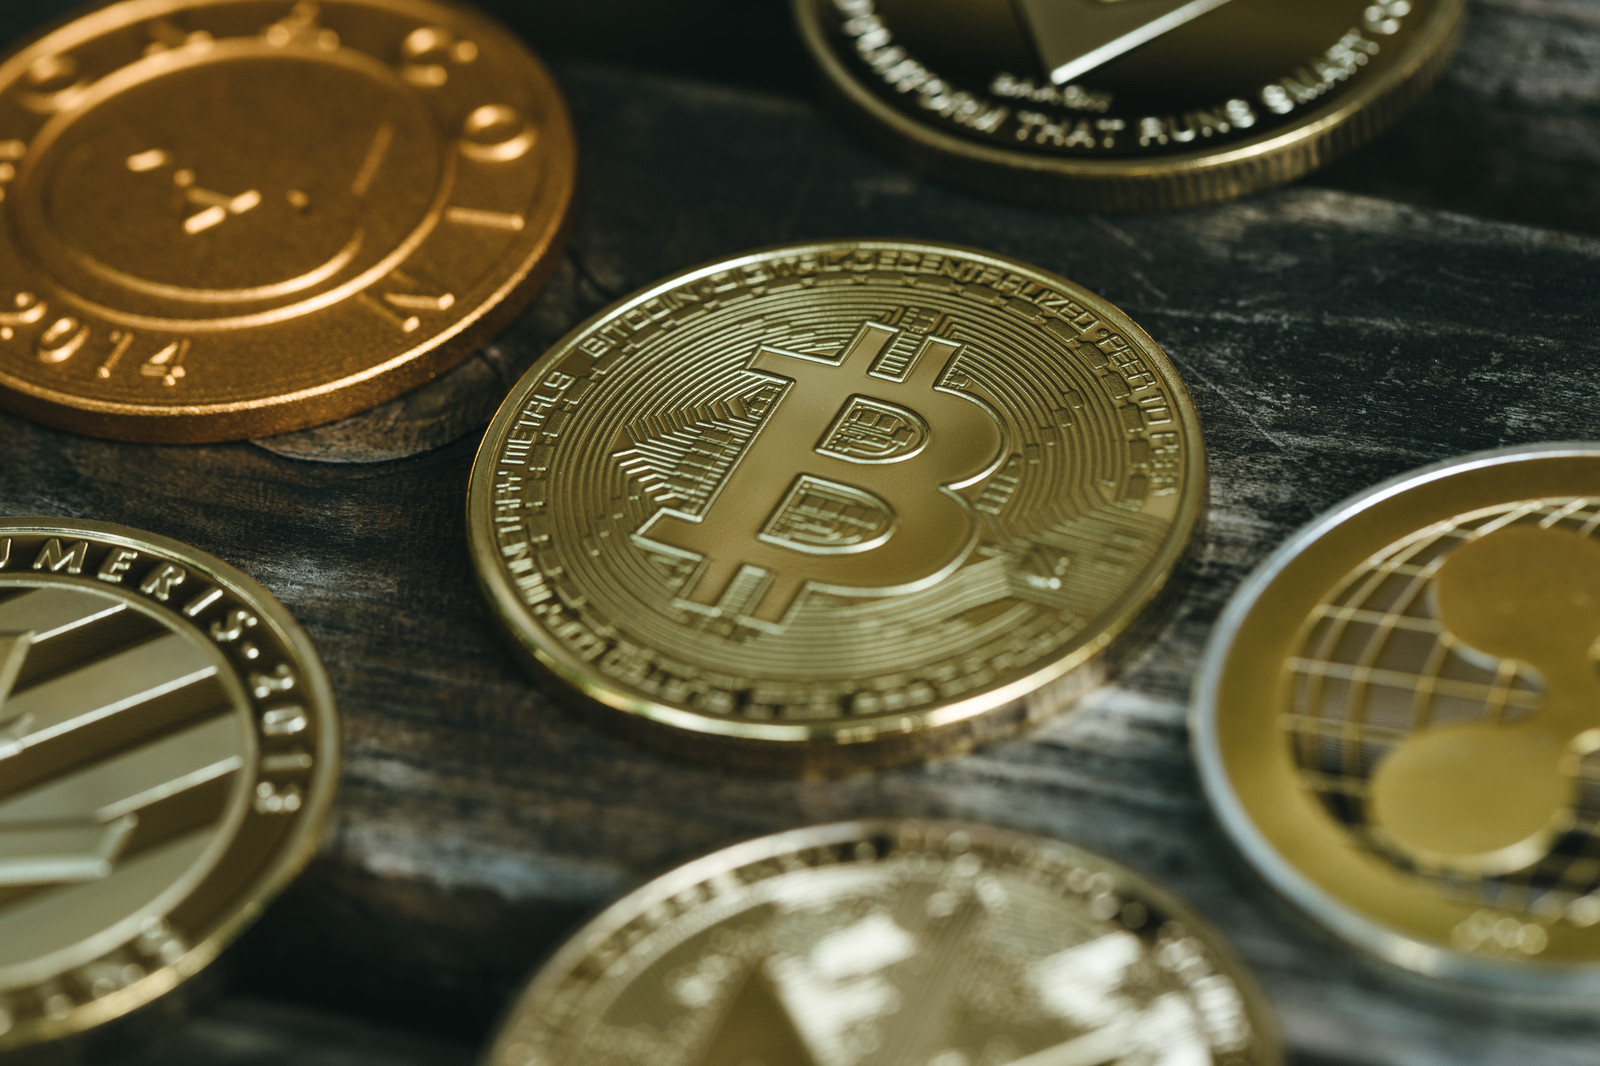 「中央に置かれたビットコイン(仮想通貨)」の写真